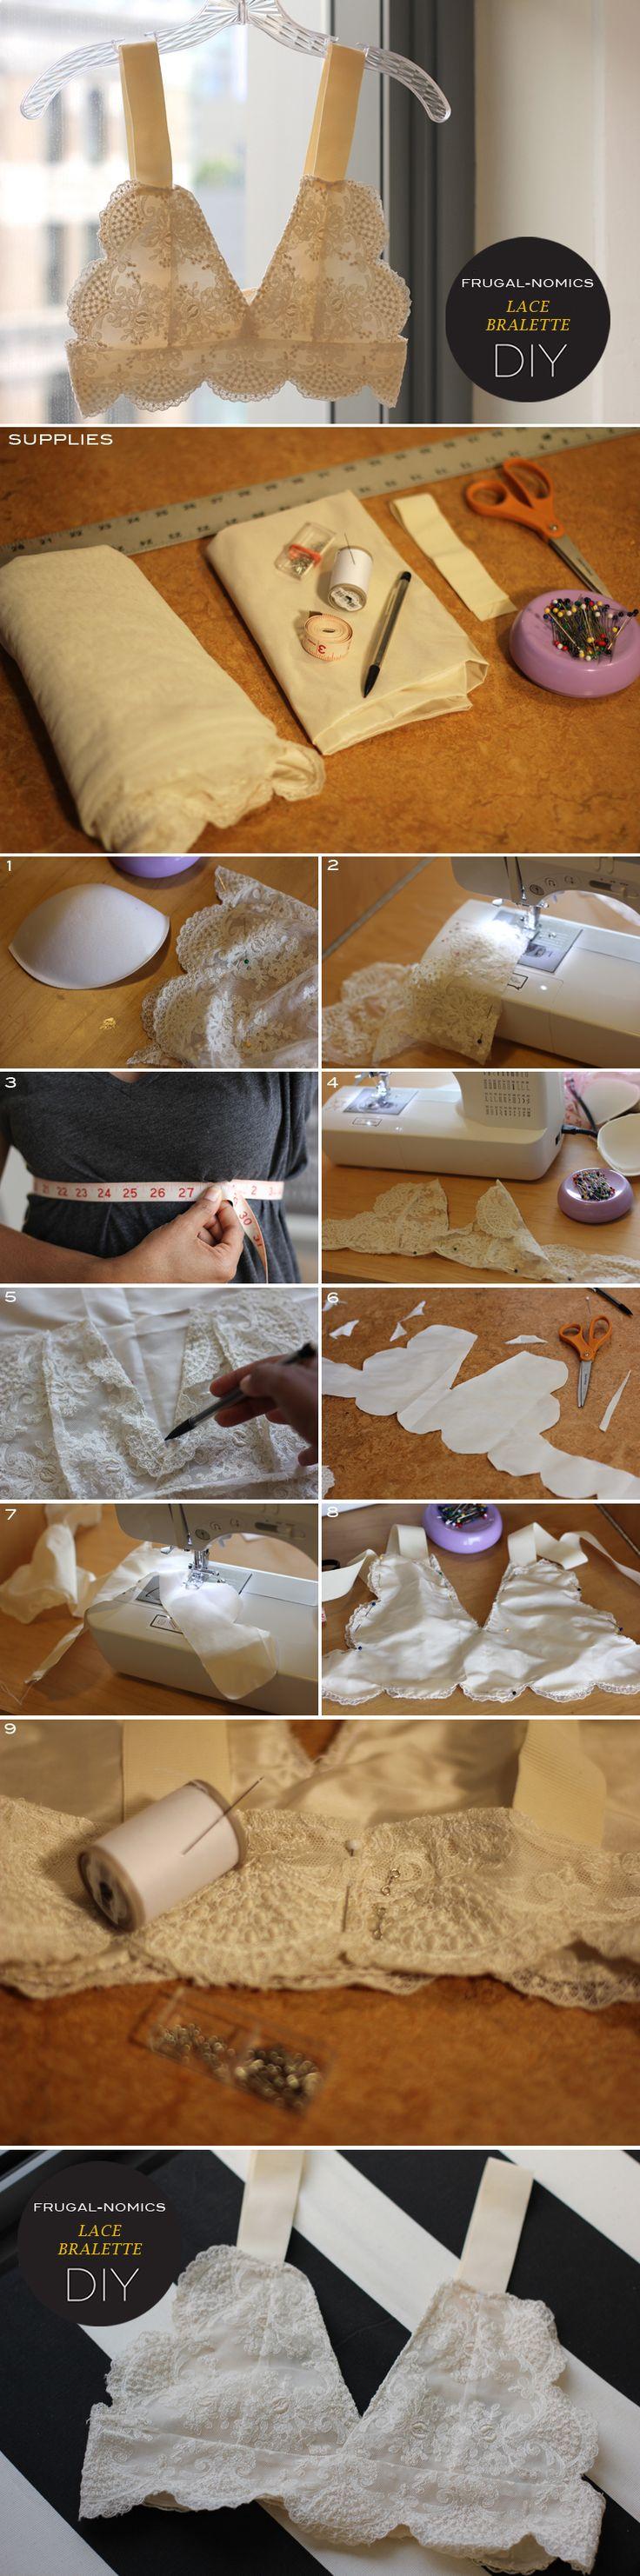 Frugal-nomics DIY : LACE BRALETTE | Frugal-nomics.com